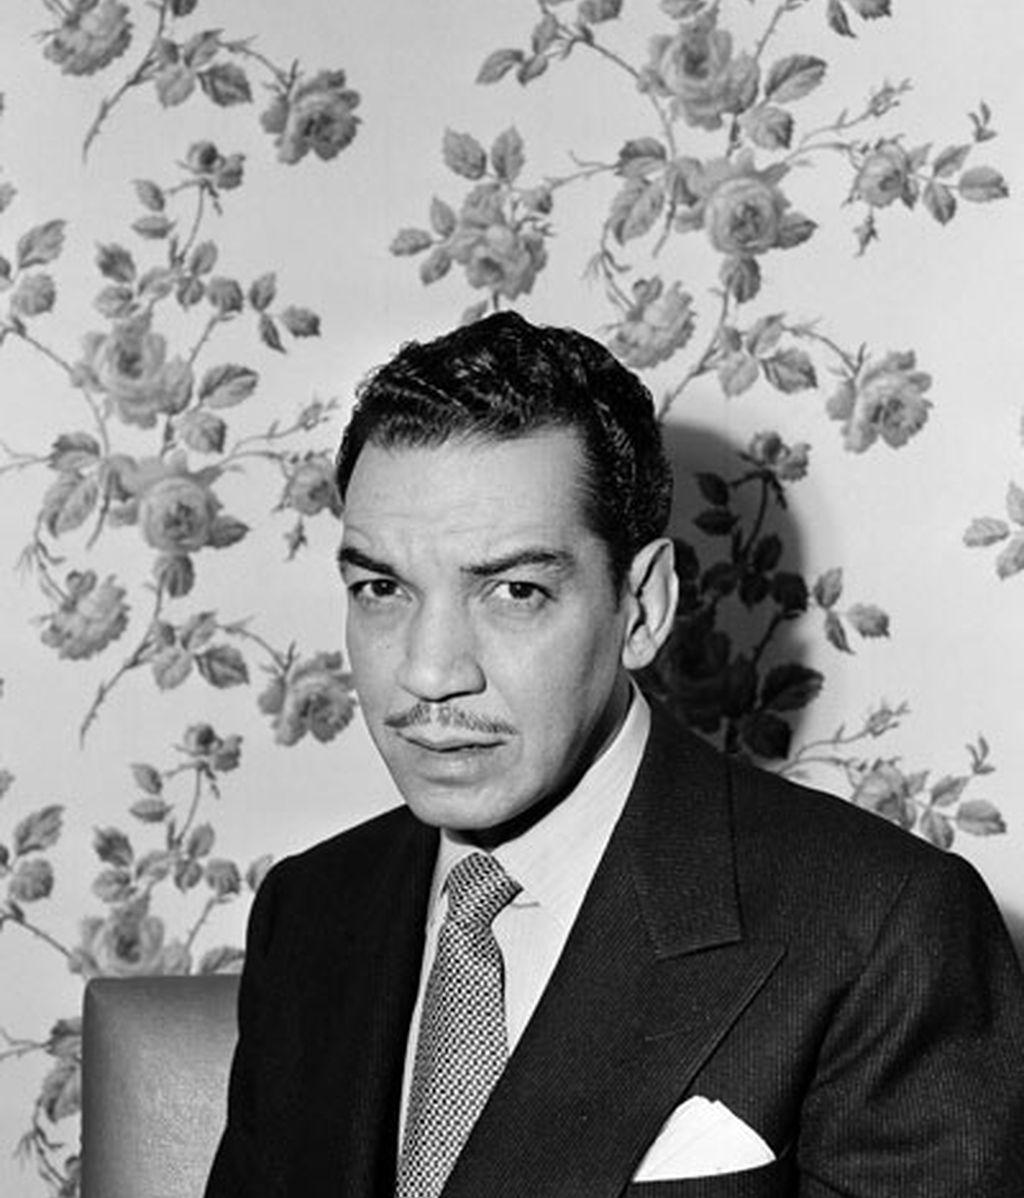 El actor y comediante en Nueva York en 1949